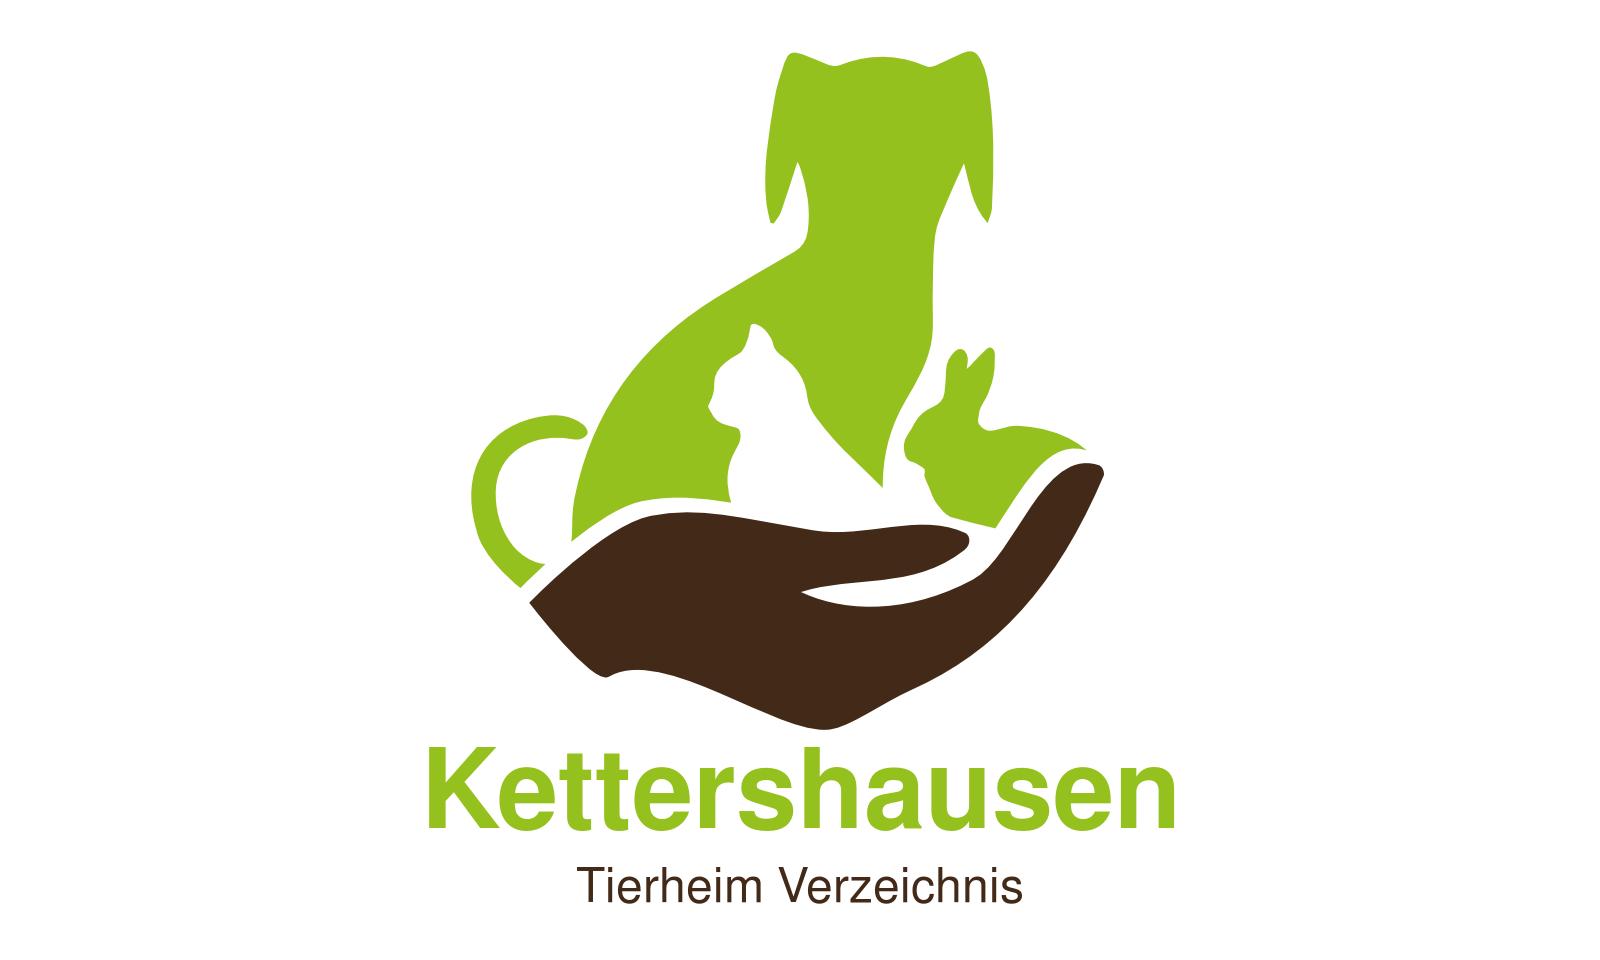 Tierheim Kettershausen